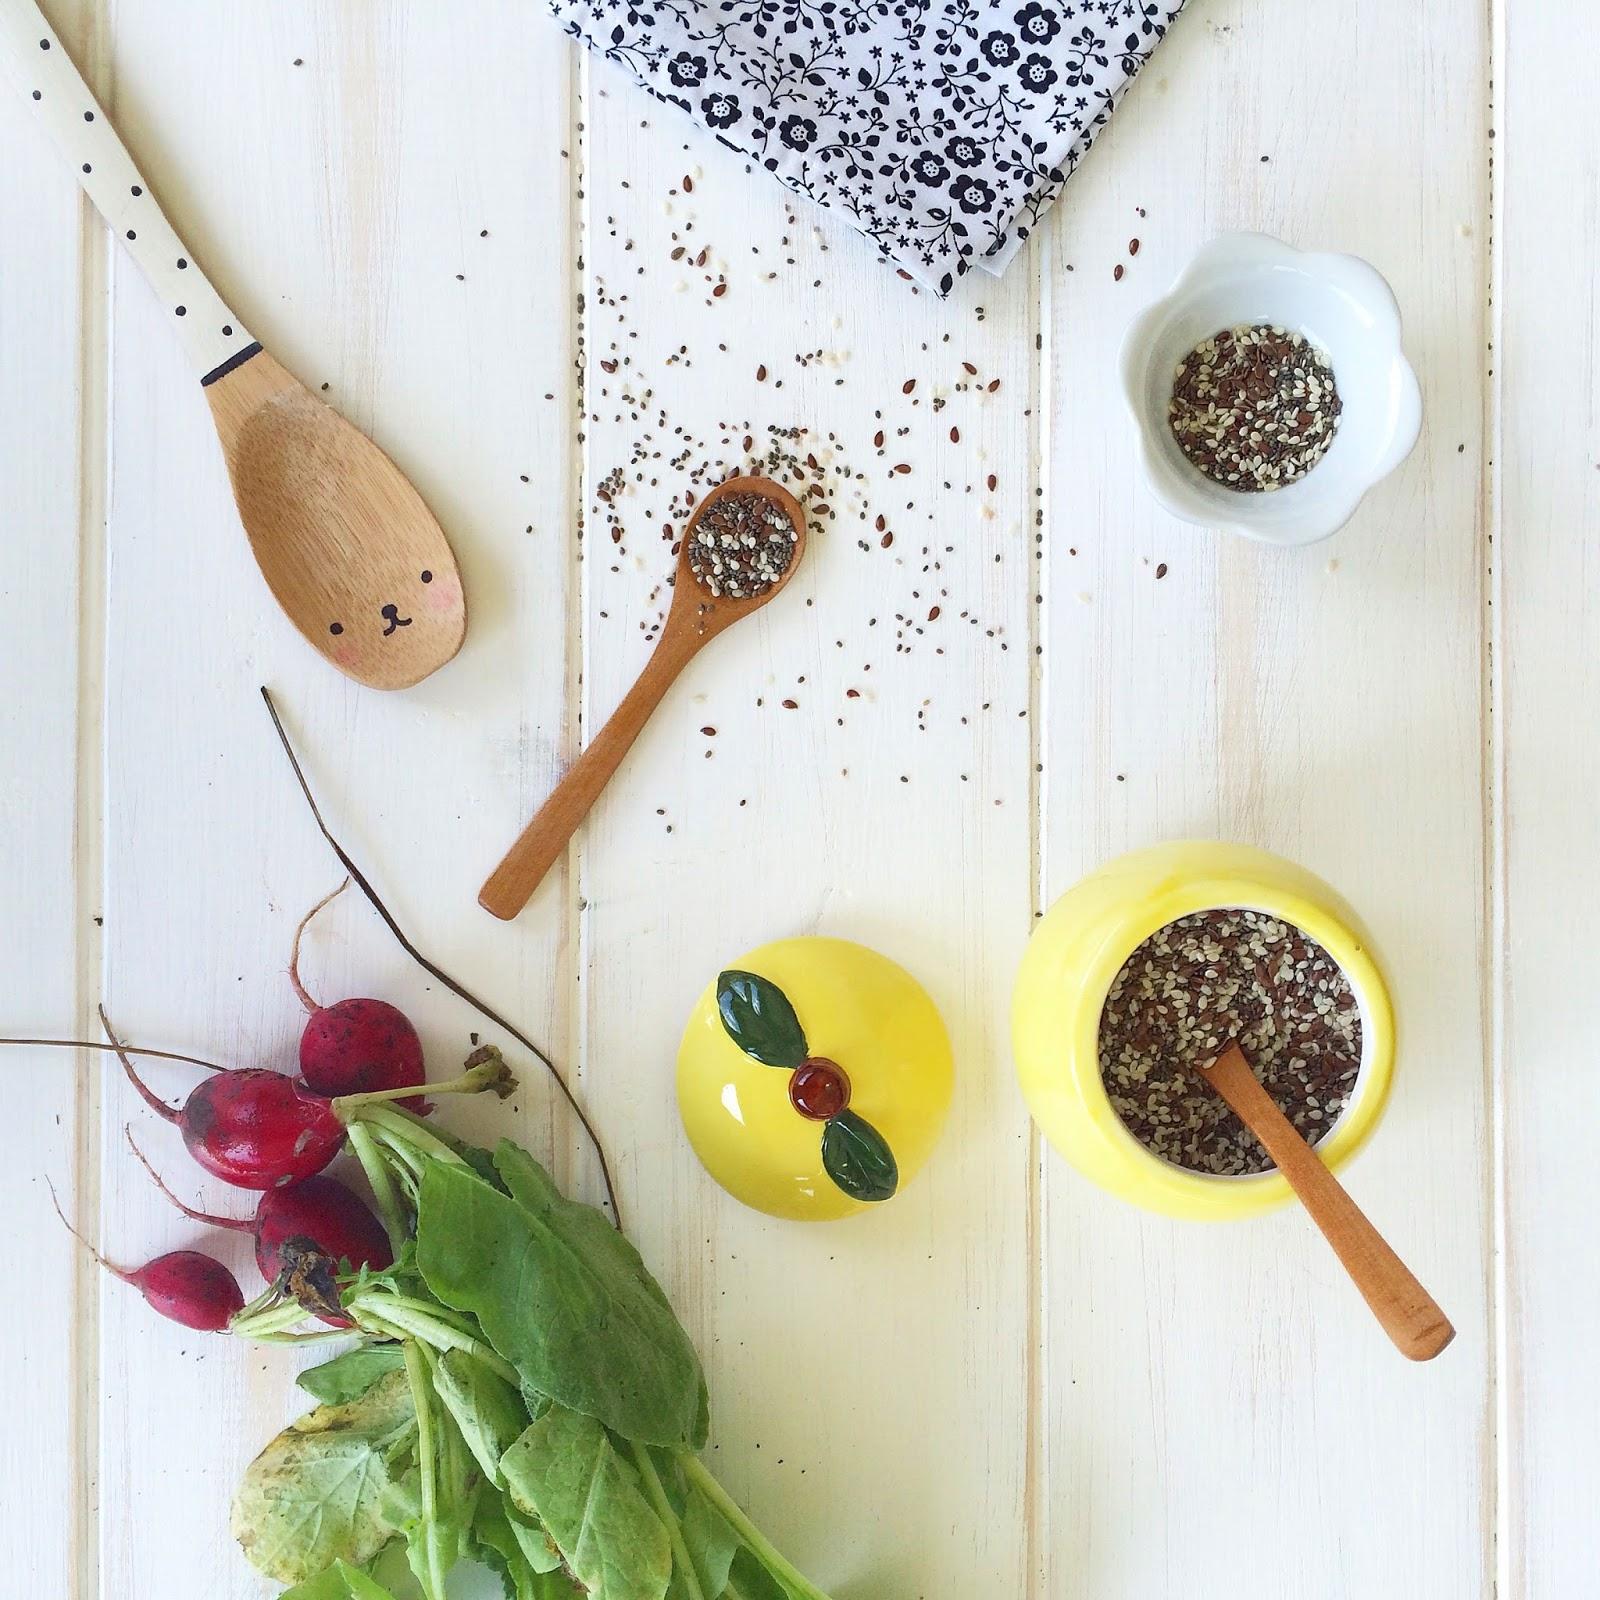 Un truco saludable y mini receta